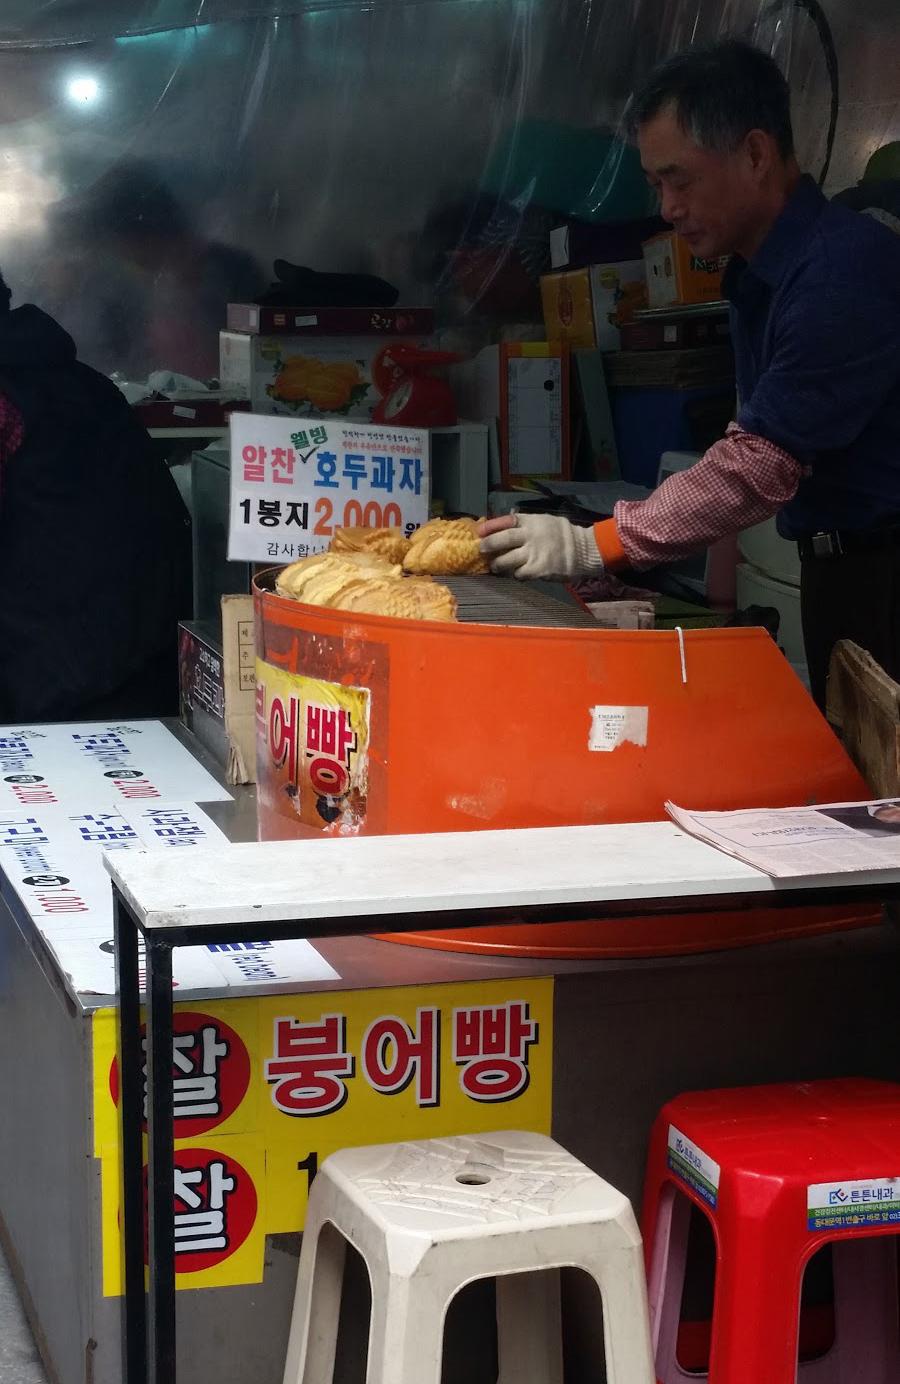 Korea Trip - Dongdaemun Fish Bread